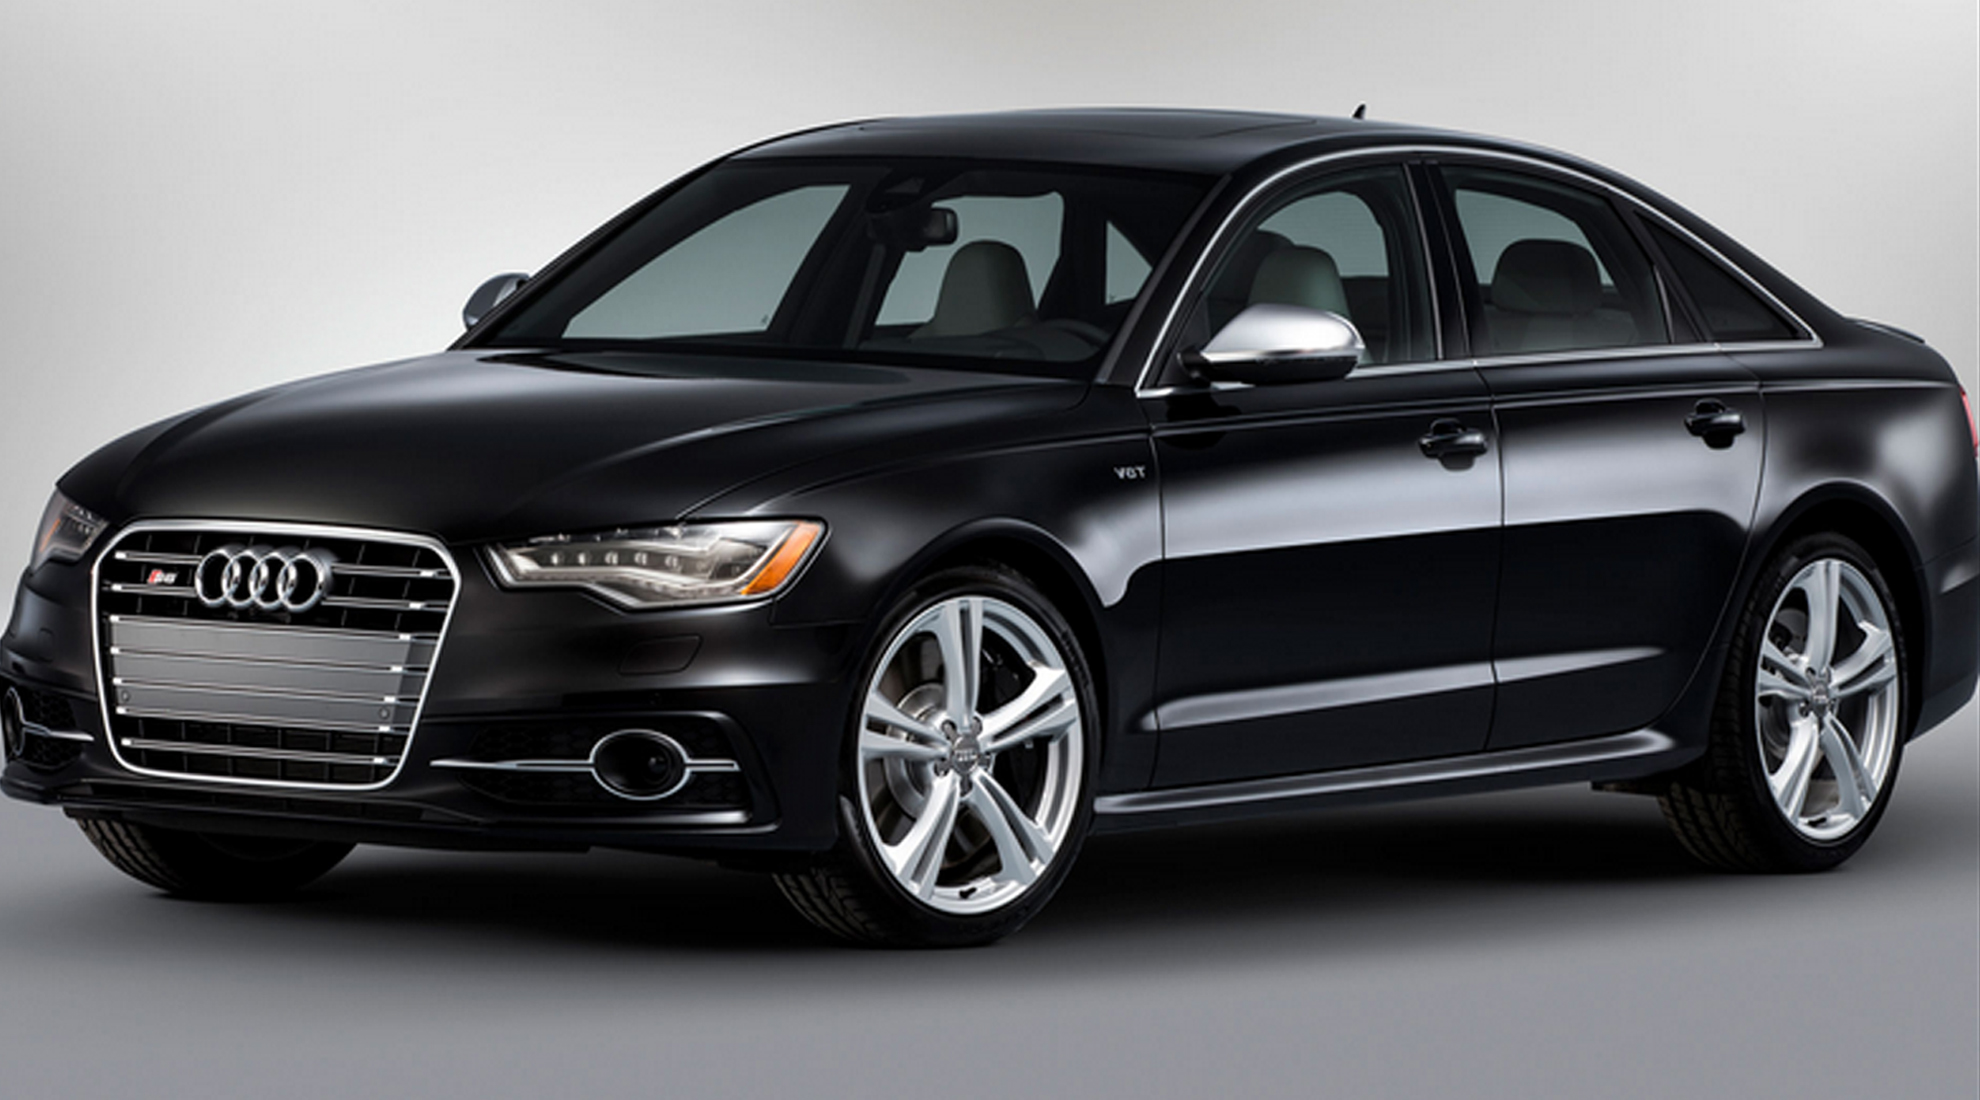 Audi A6 oki